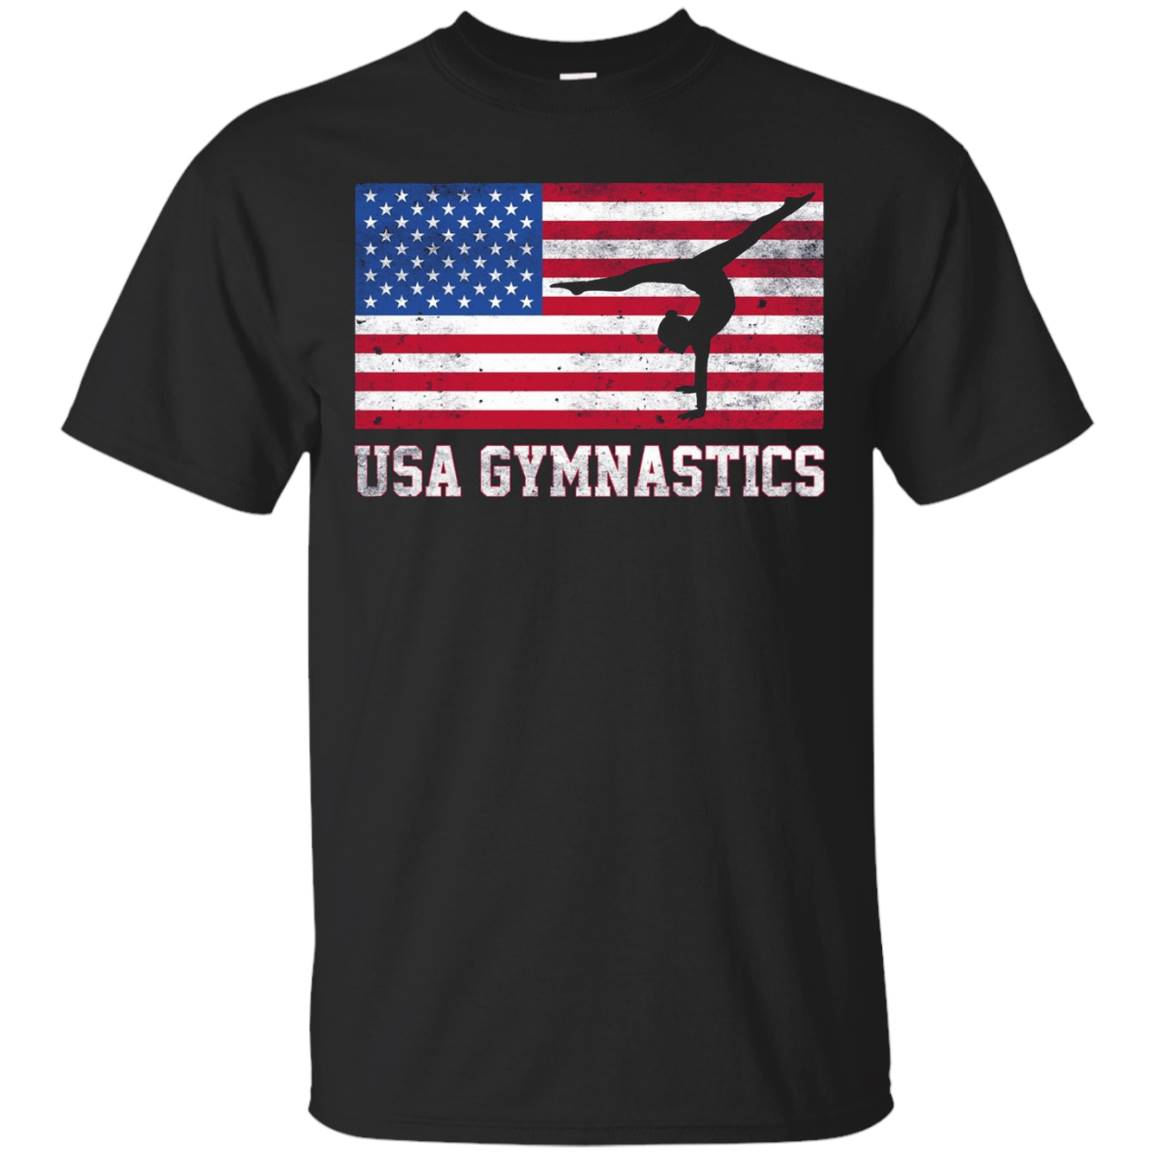 American Flag USA Gymnastics T-Shirt Team Training 2016 T-Shirt